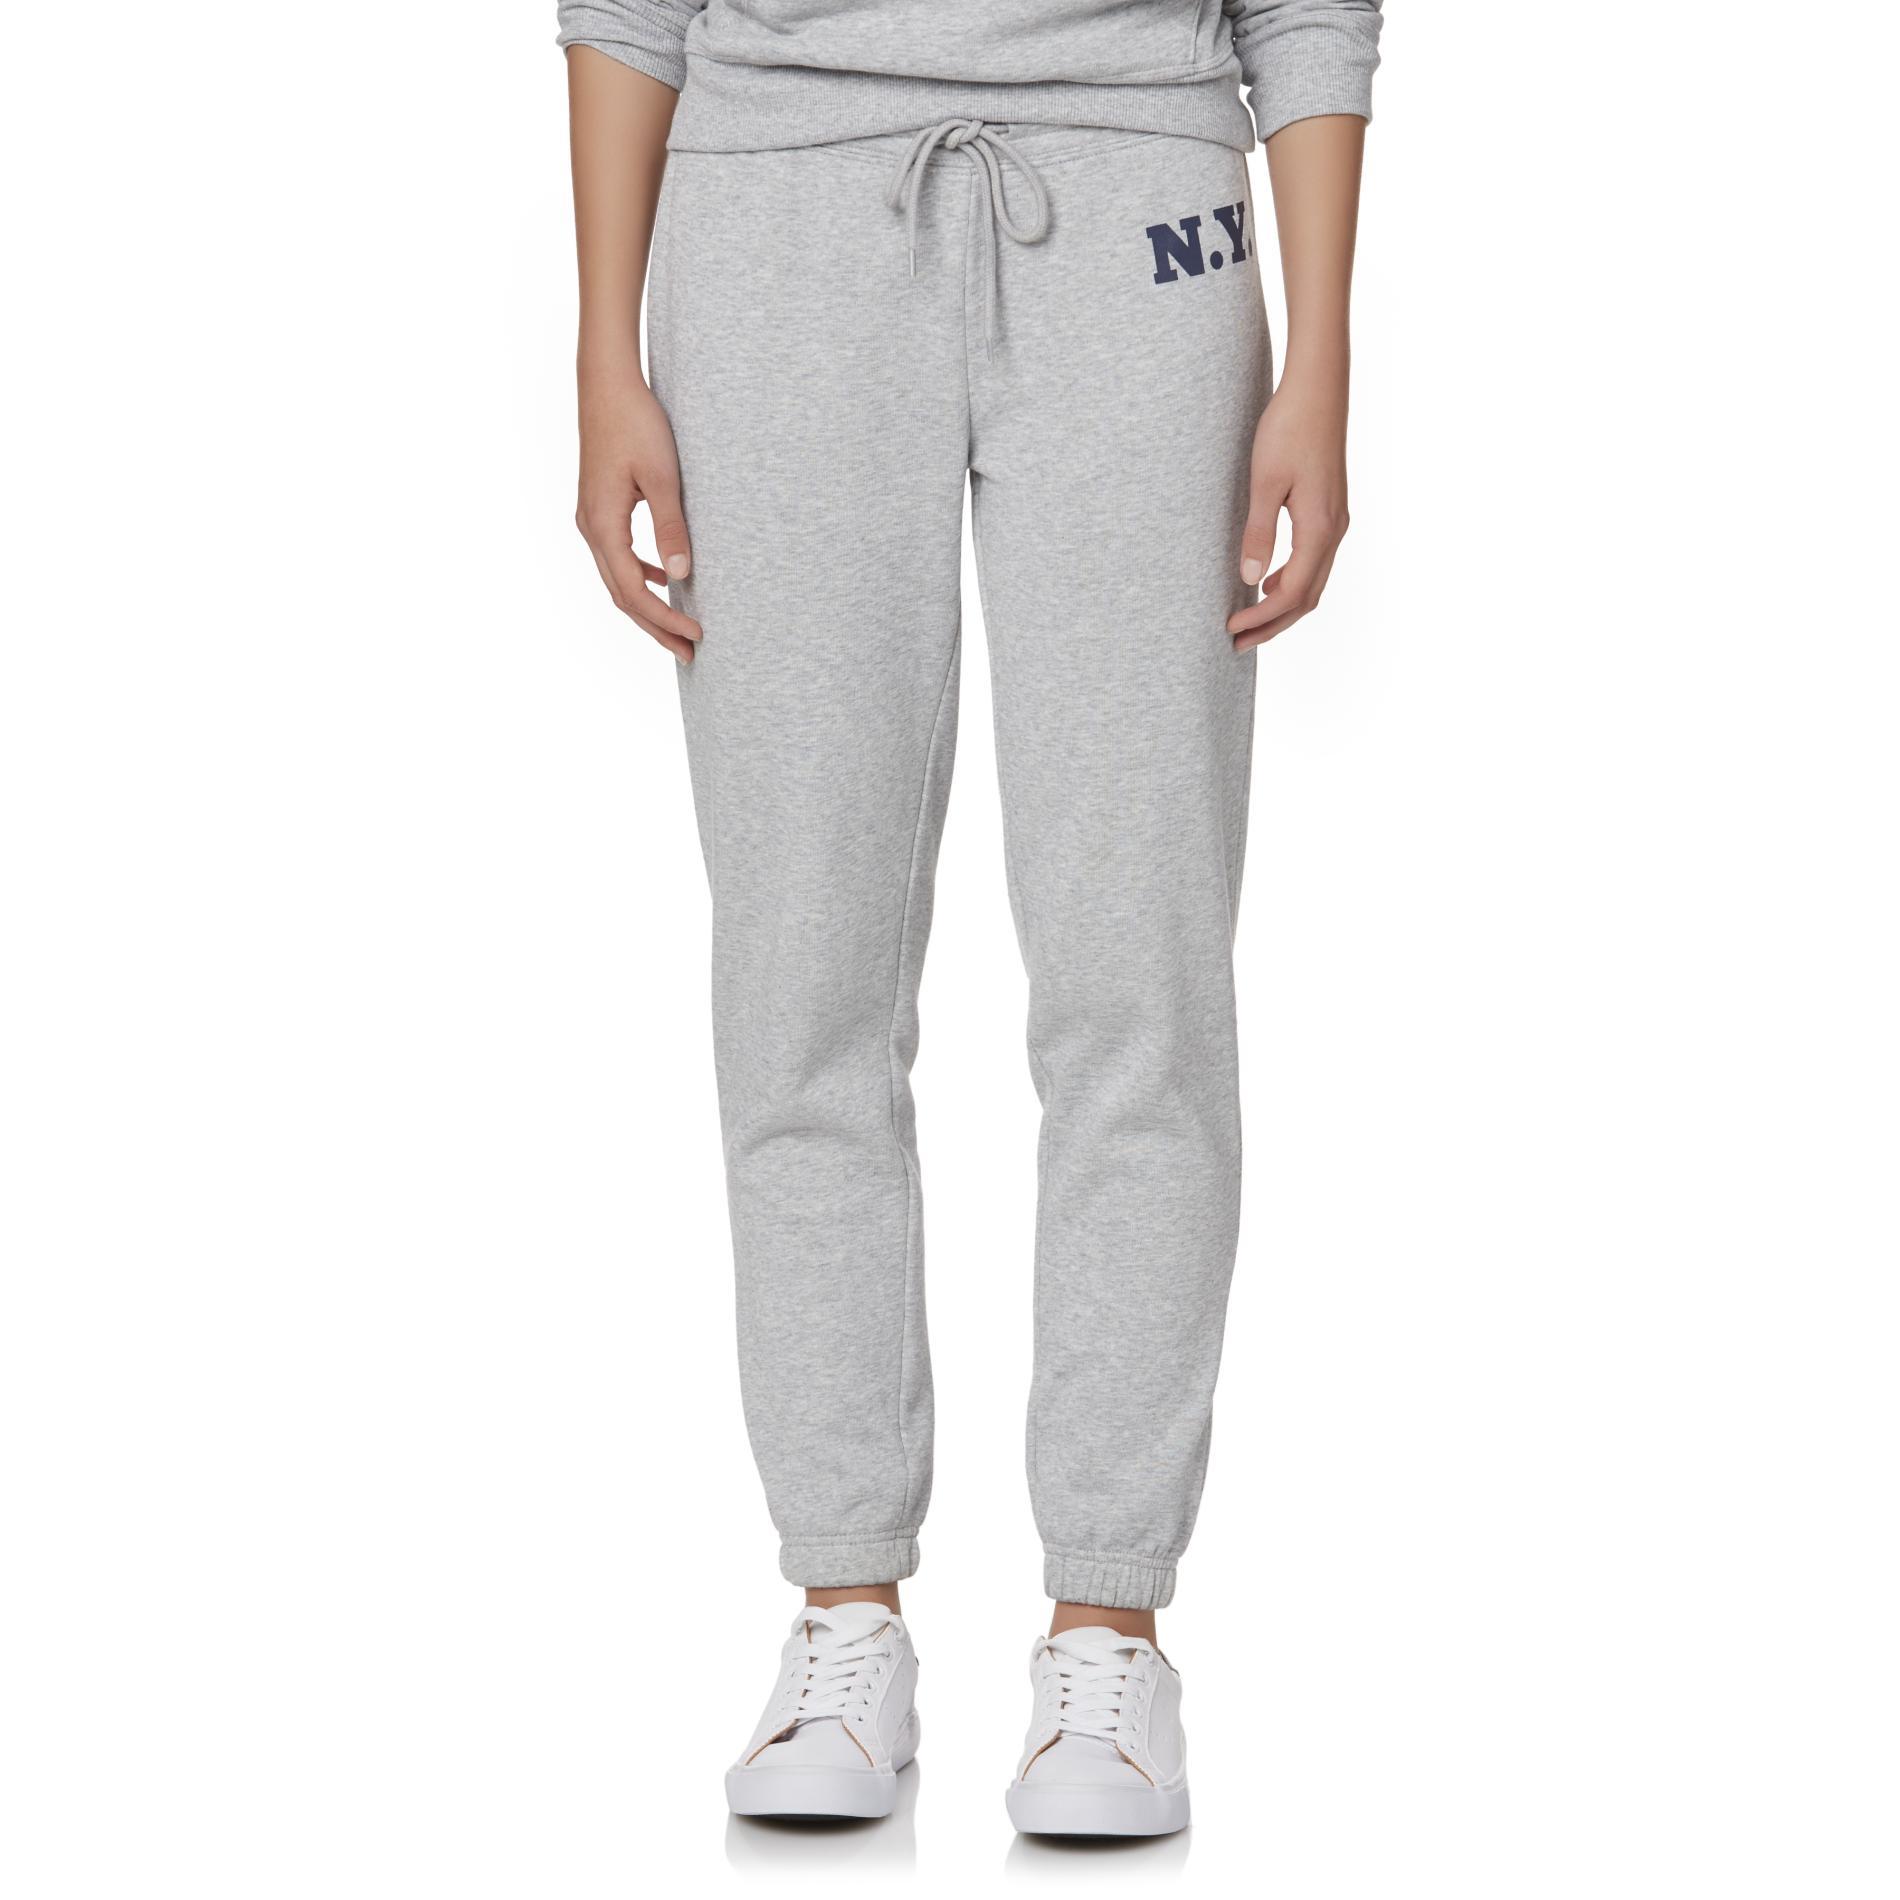 Juniors' Jogger Pants - New York